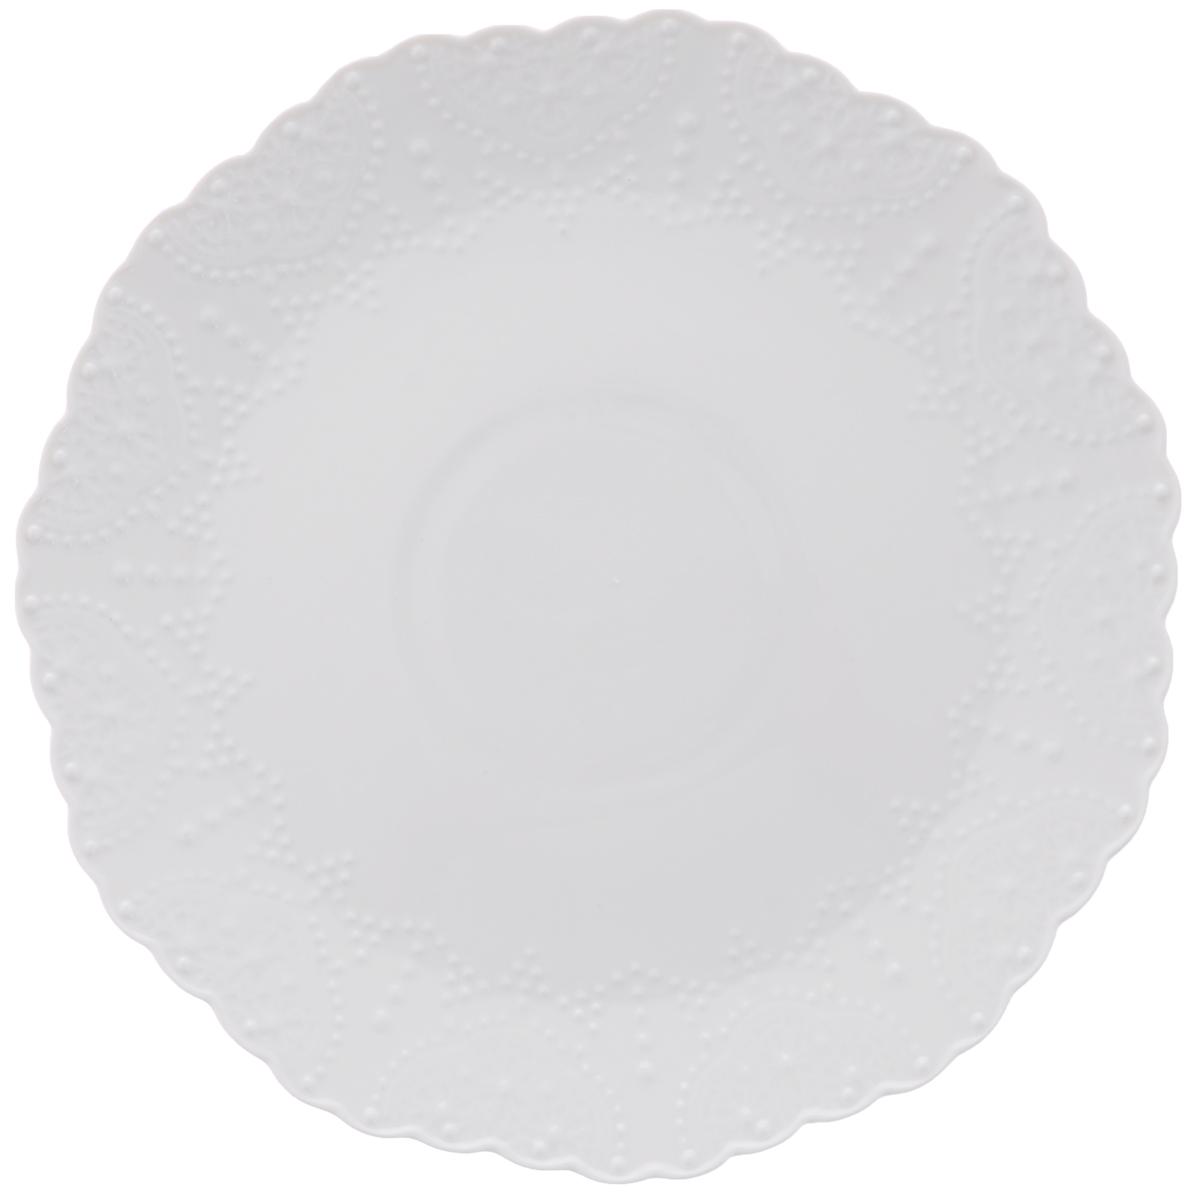 Тарелка обеденная Walmer Vivien, цвет: белый, диаметр 26 смW07230026Обеденная тарелка Walmer Vivien, изготовленная из высококачественного фарфора, имеет изысканный внешний вид. Яркий дизайн придется по вкусу и ценителям классики, и тем, кто предпочитает утонченность. Тарелка Walmer Vivien идеально подойдет для сервировки стола и станет отличным подарком к любому празднику. Диаметр (по верхнему краю): 26 см